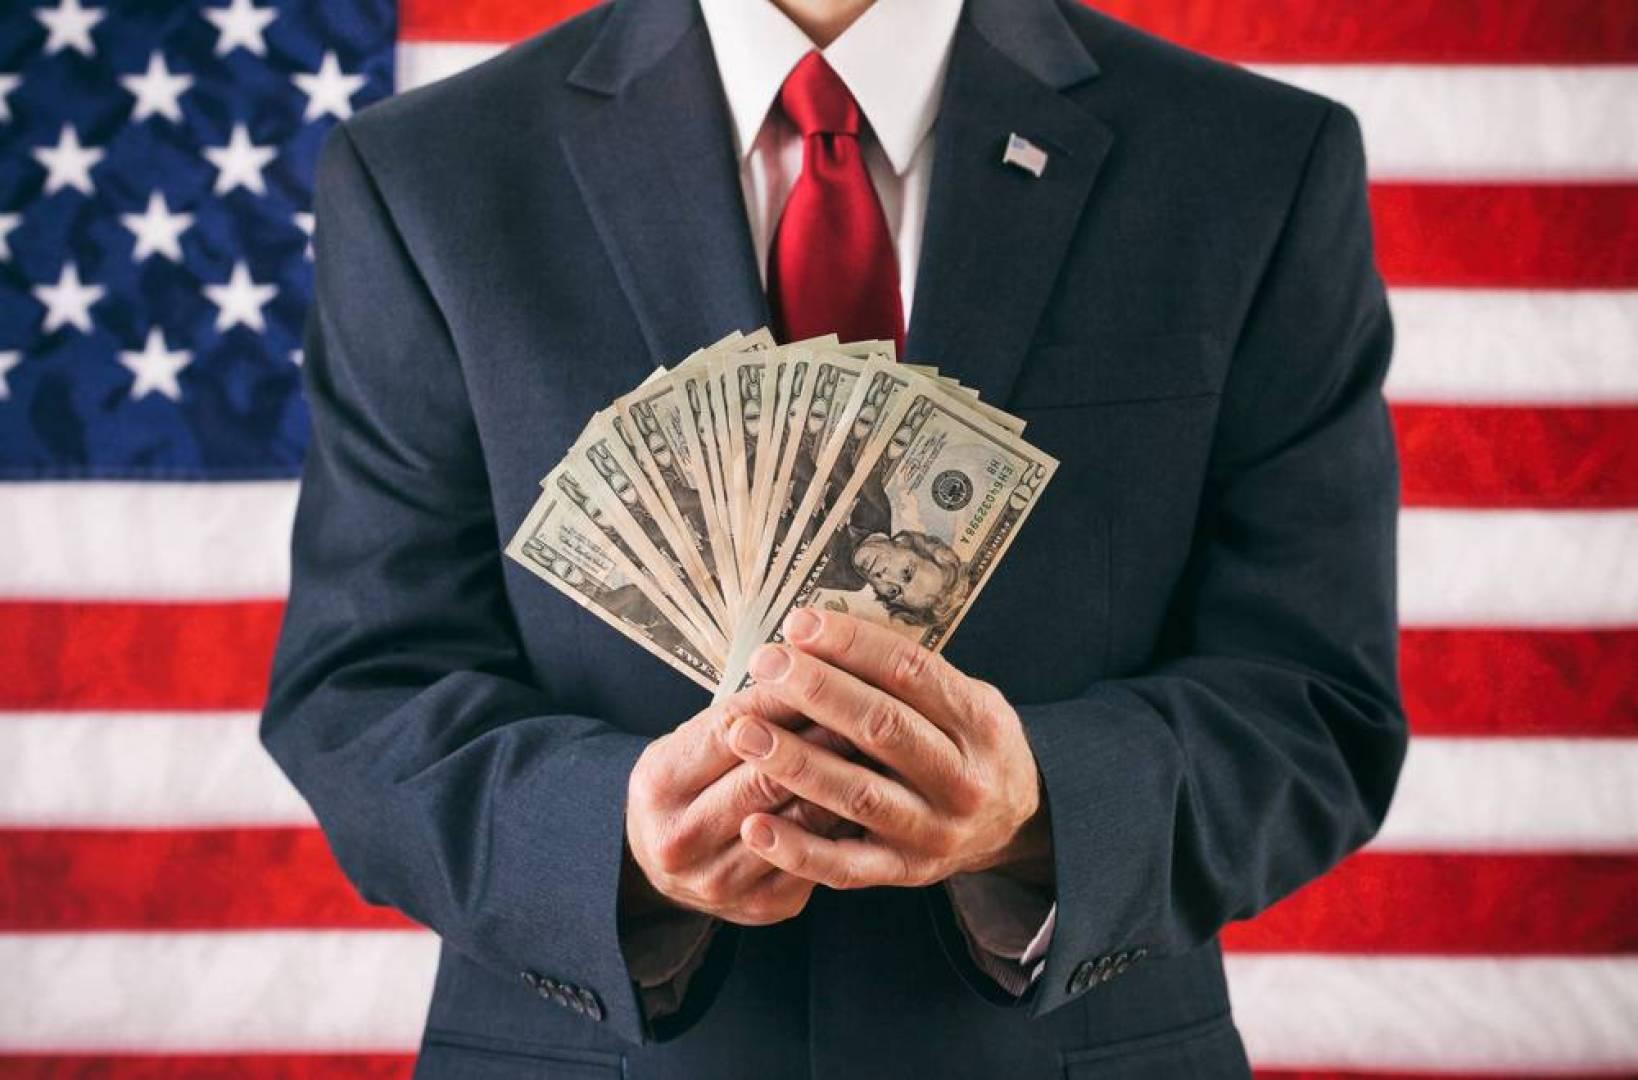 الأميركيون أكثر ثراءً أثناء الوباء من أي وقت مضى.. ما السبب؟